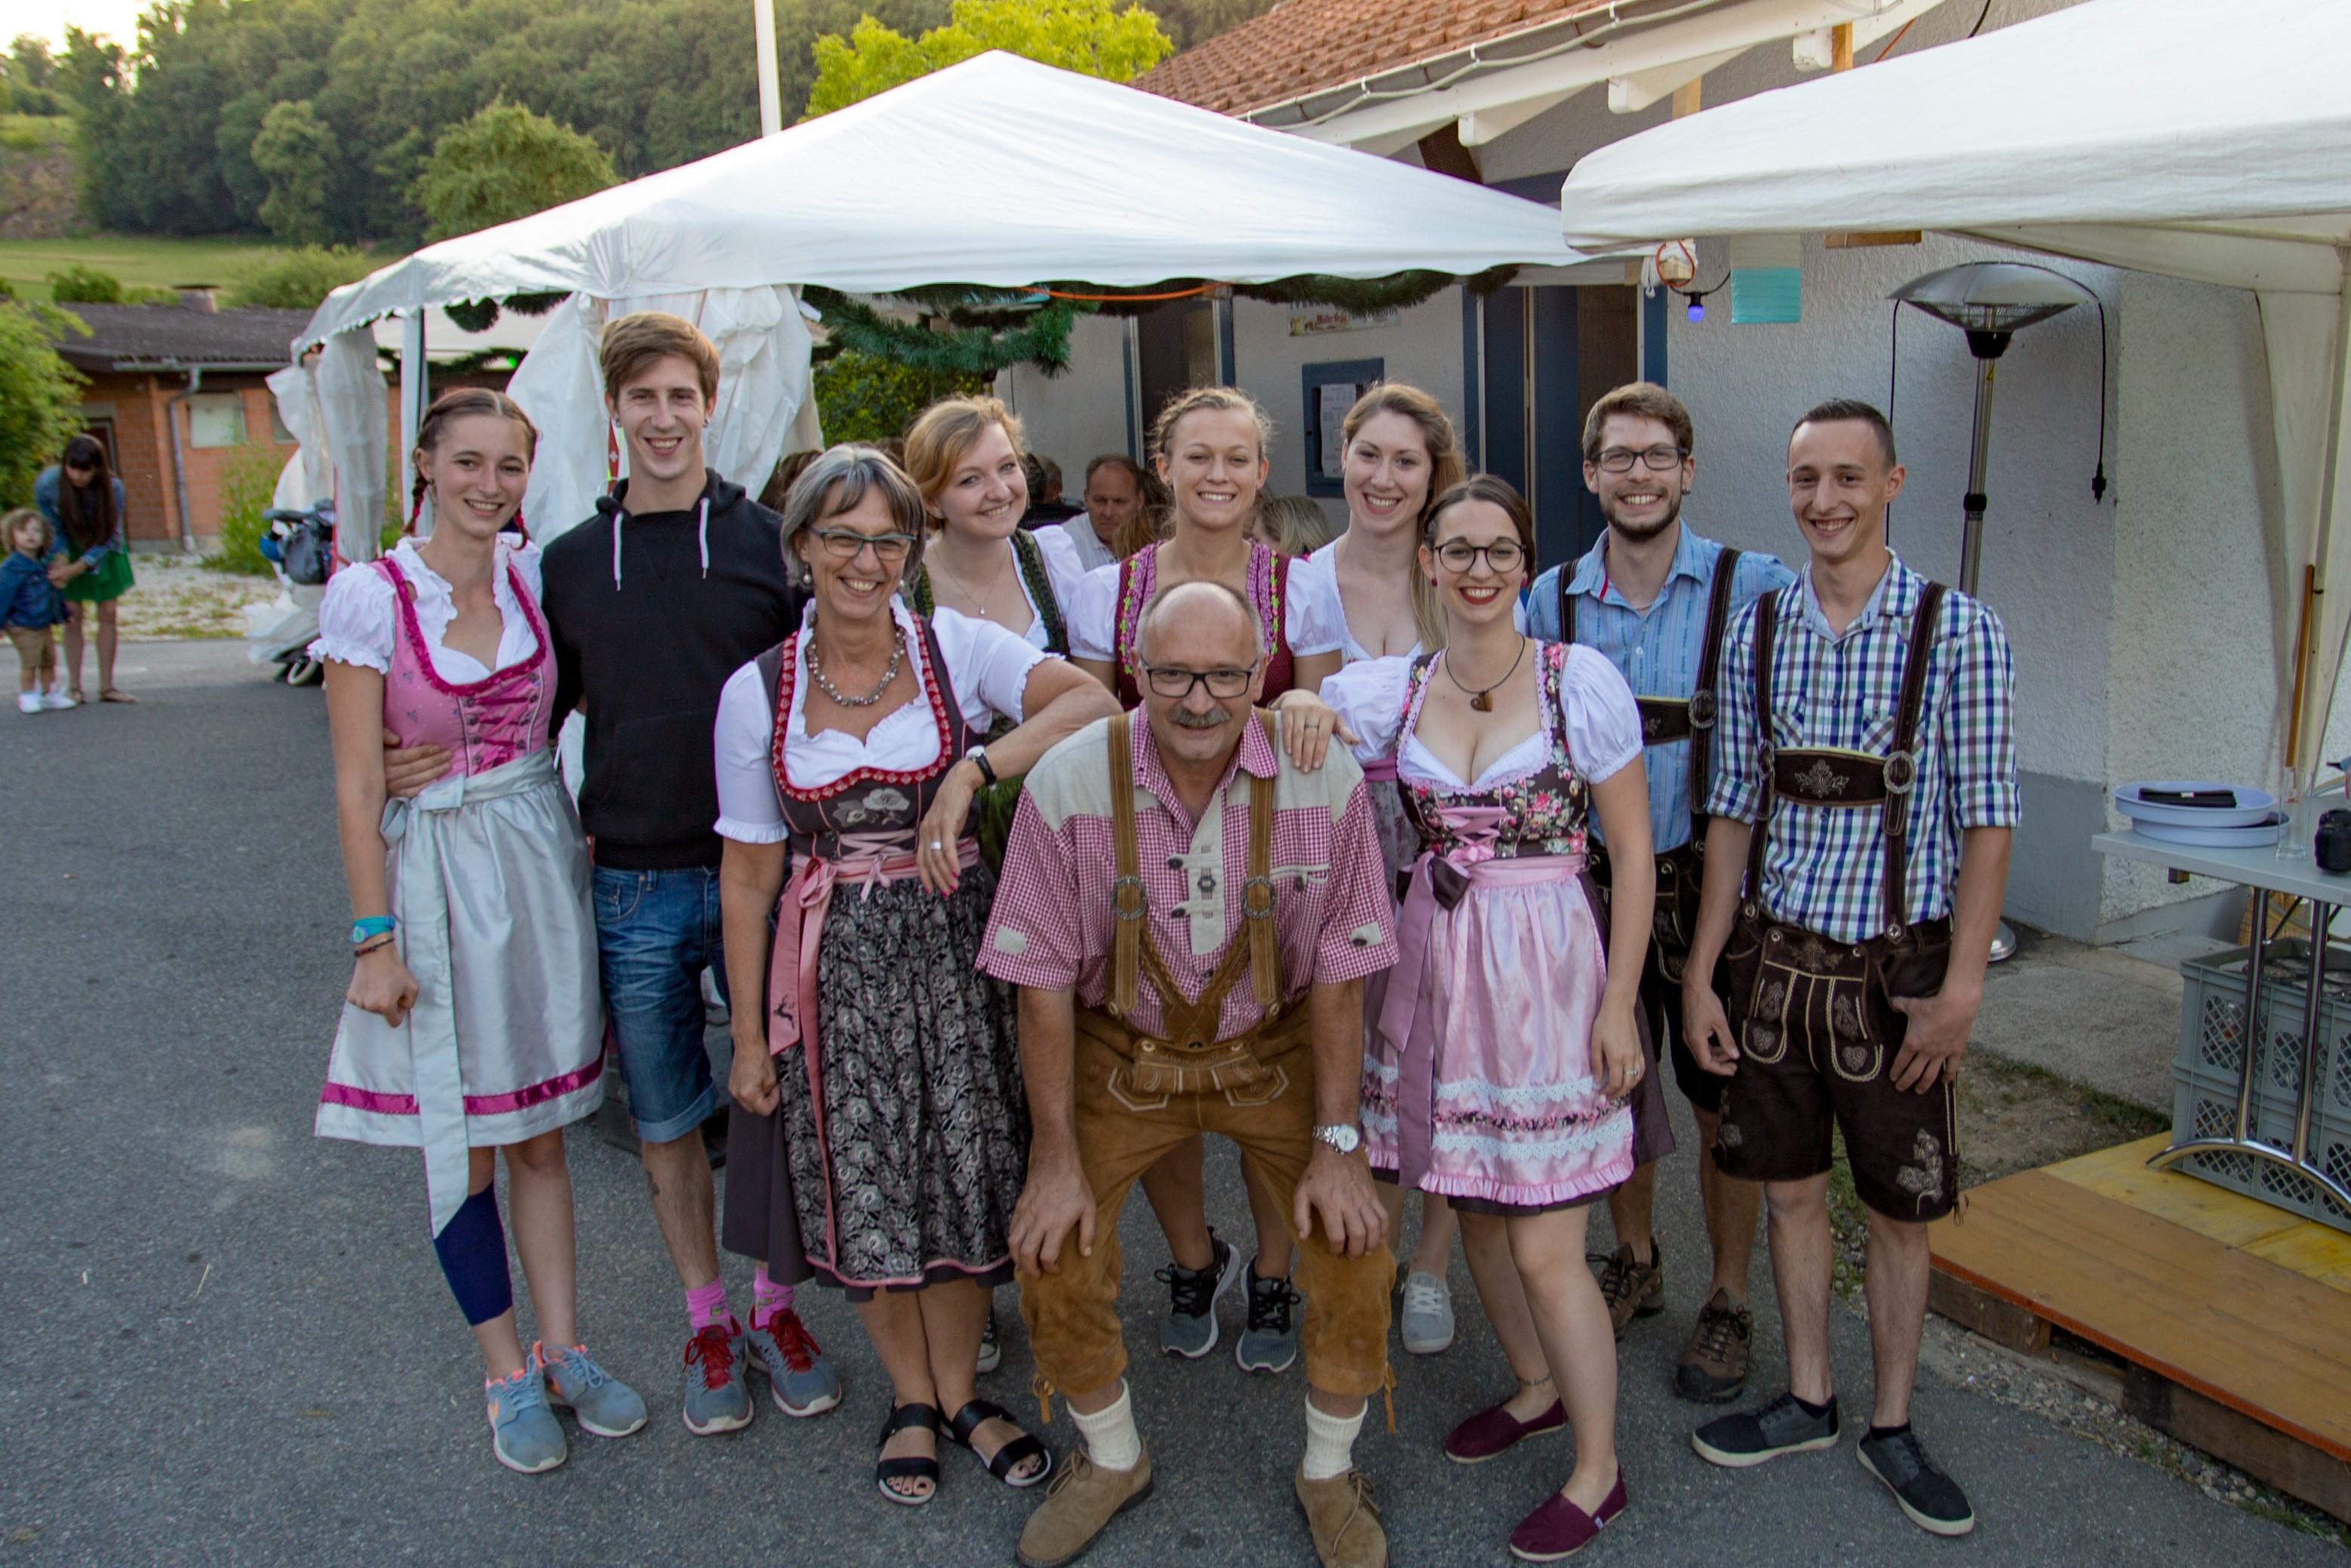 Milchhüsli_Bierfest_2018-14.